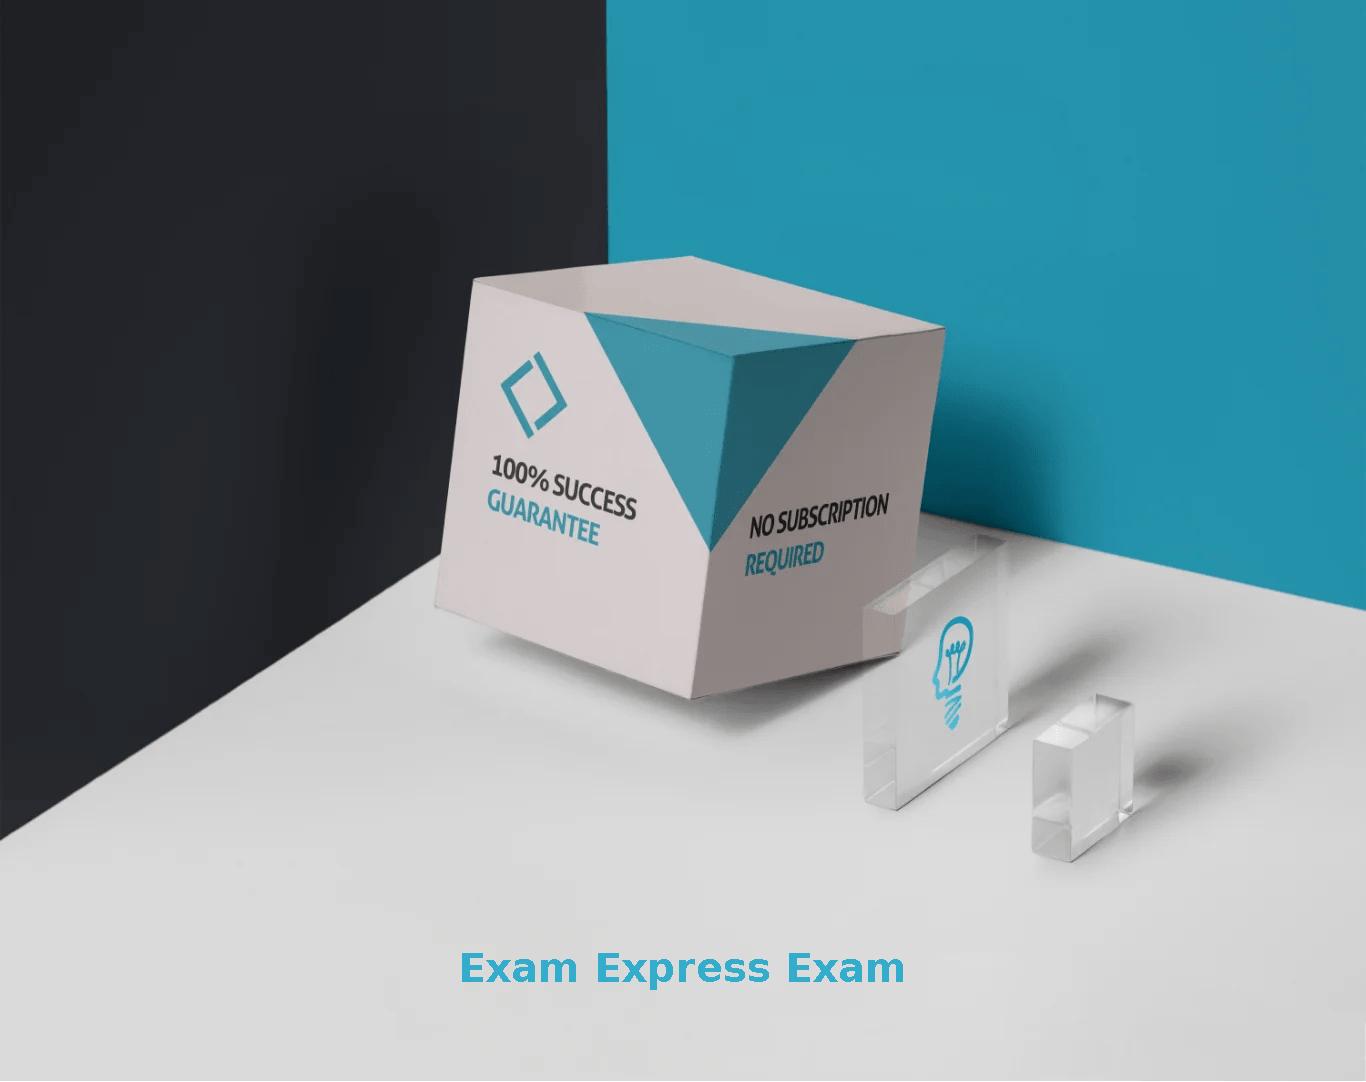 Exam Express Exam Dumps